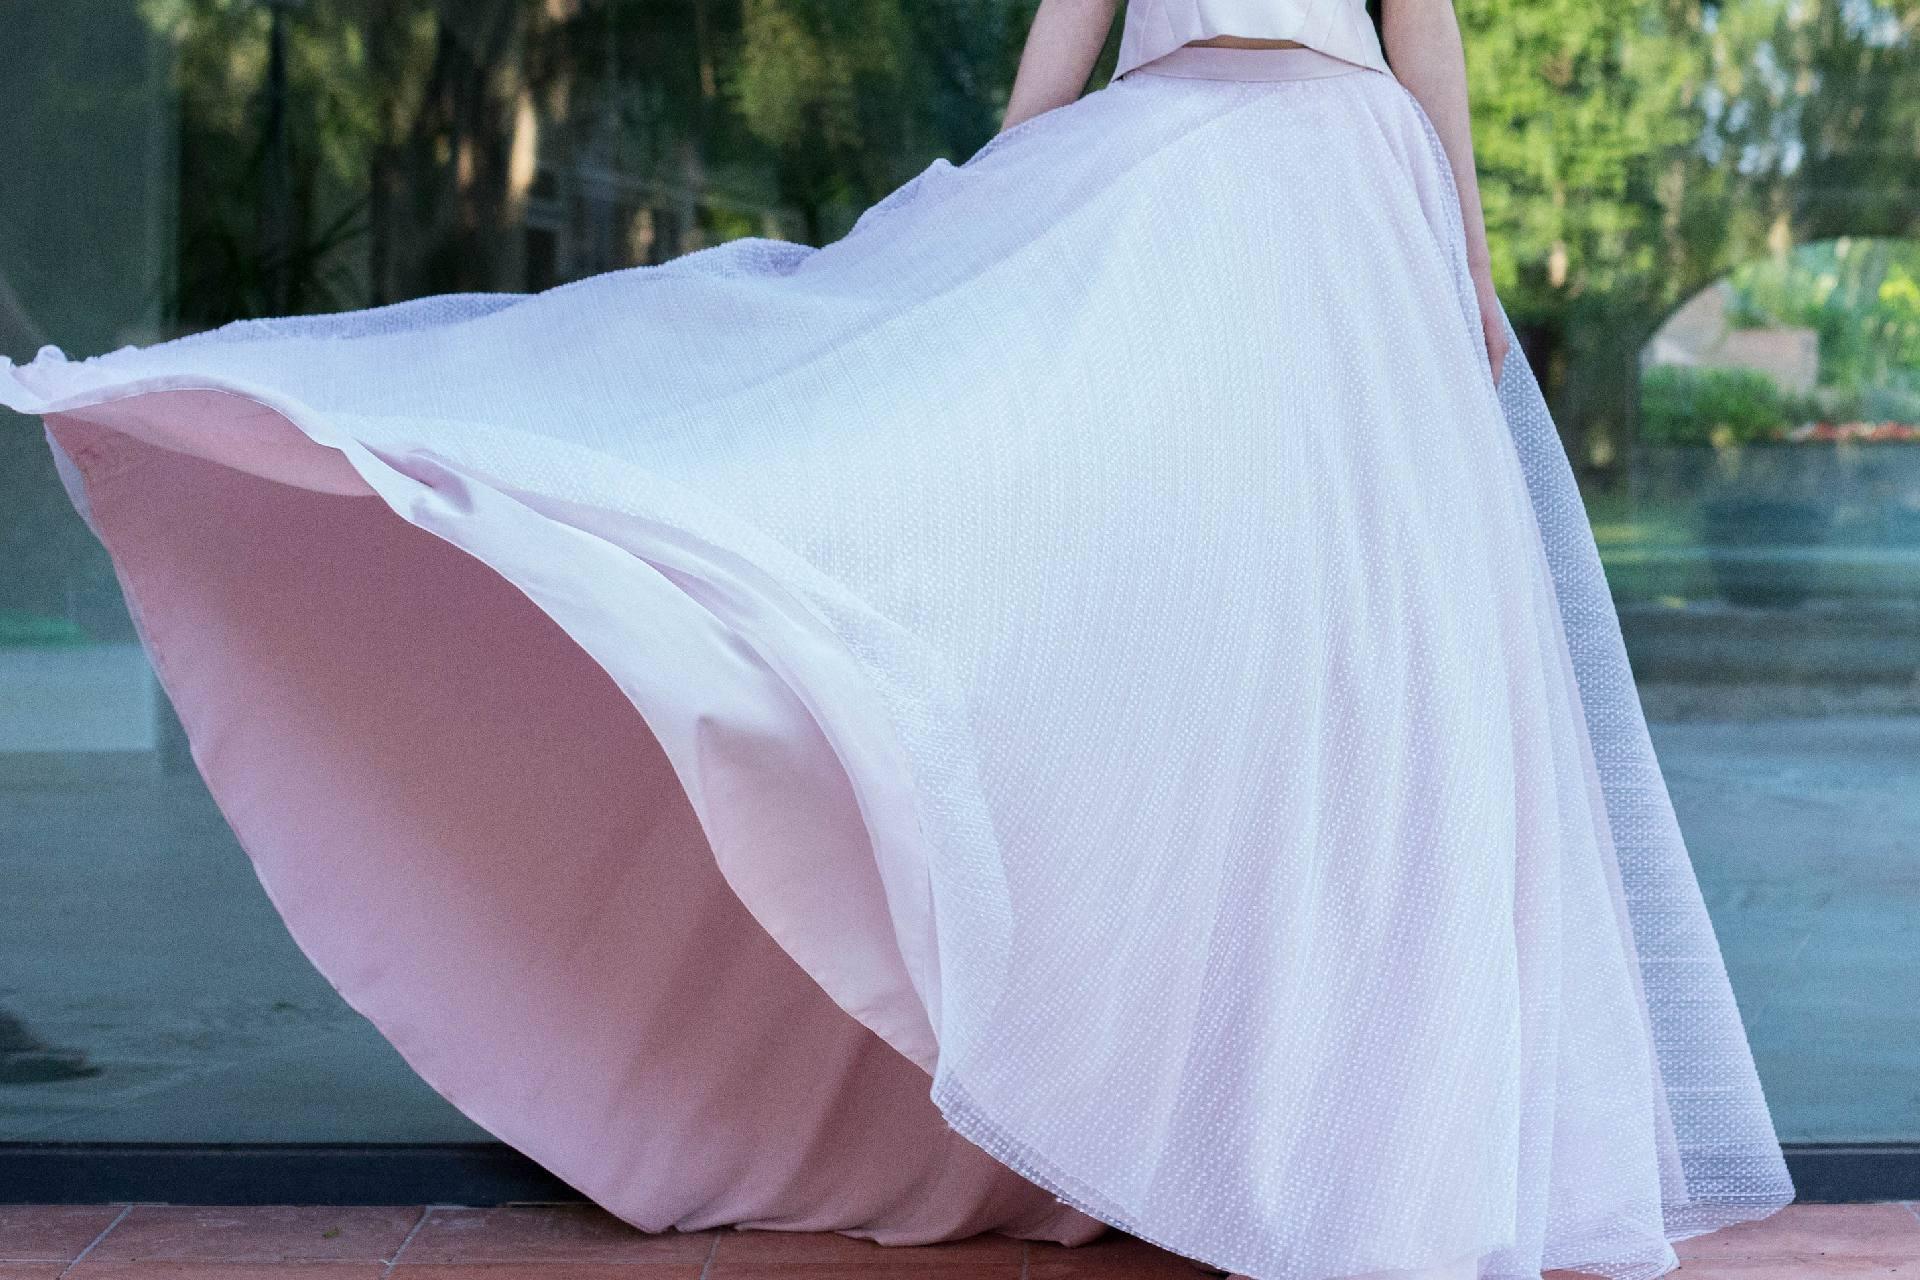 Detalle del vuelo de la falda Norma